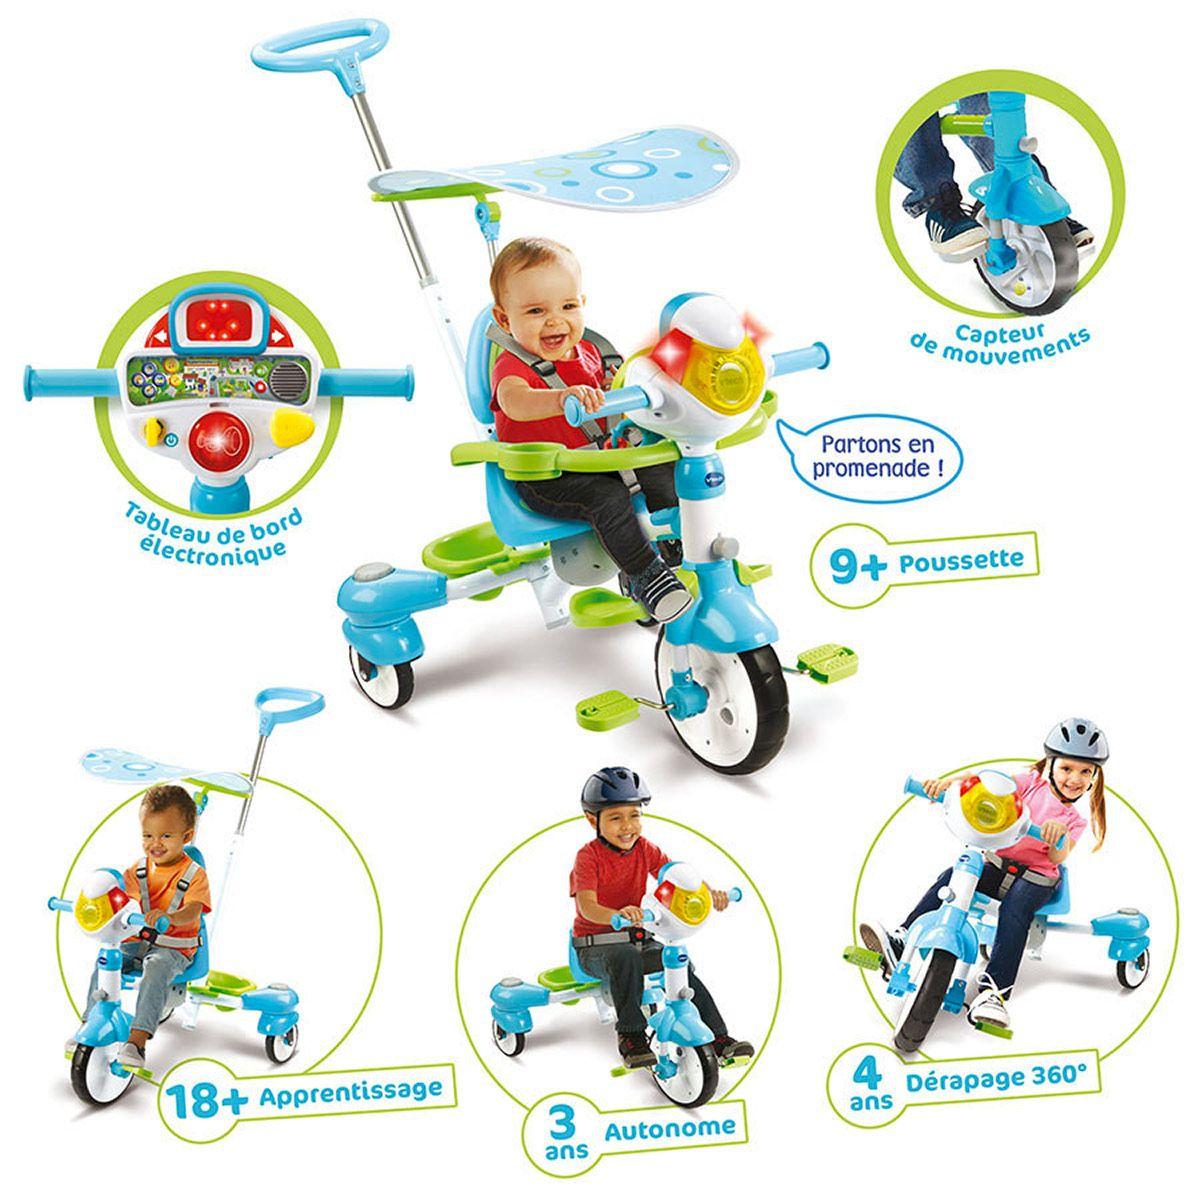 Super Tricycle Interactif 6 En 1 Bleu - Sport Et Jeux D tout Jeux Interactifs 6 Ans